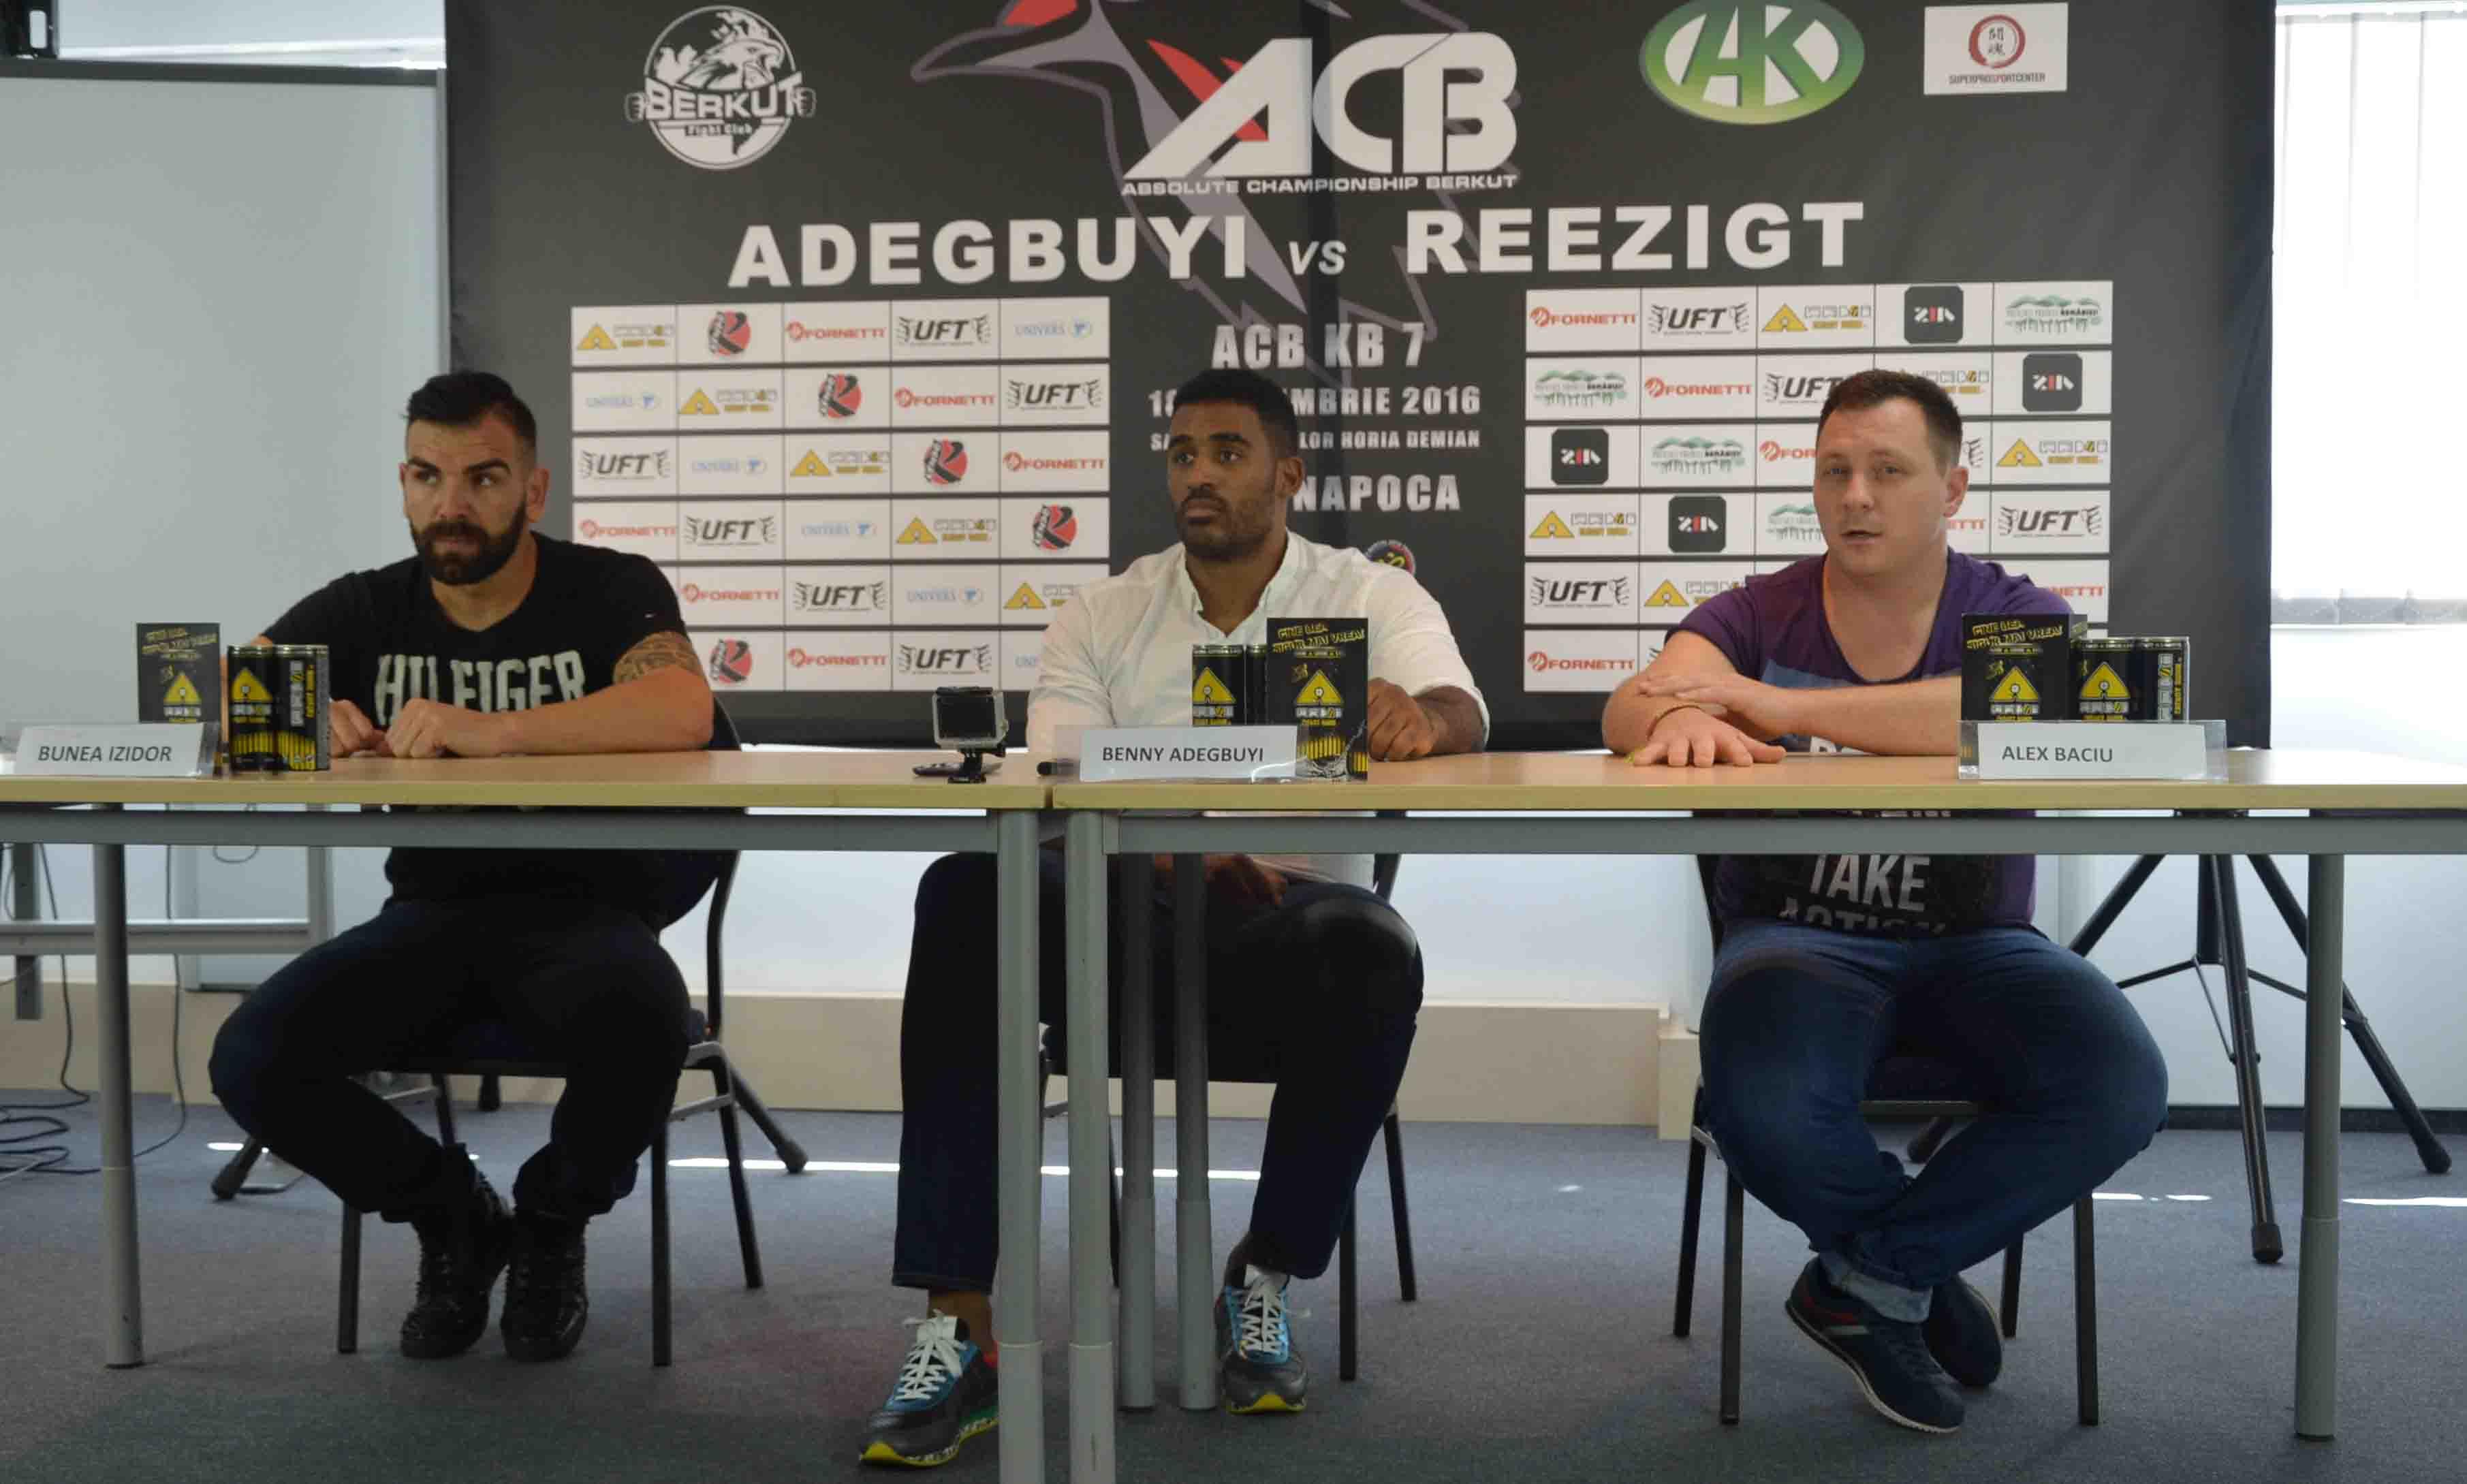 Conferinta de presa Gala de Kickboxing ACB KB 7 - BENNY vs REEZIGT